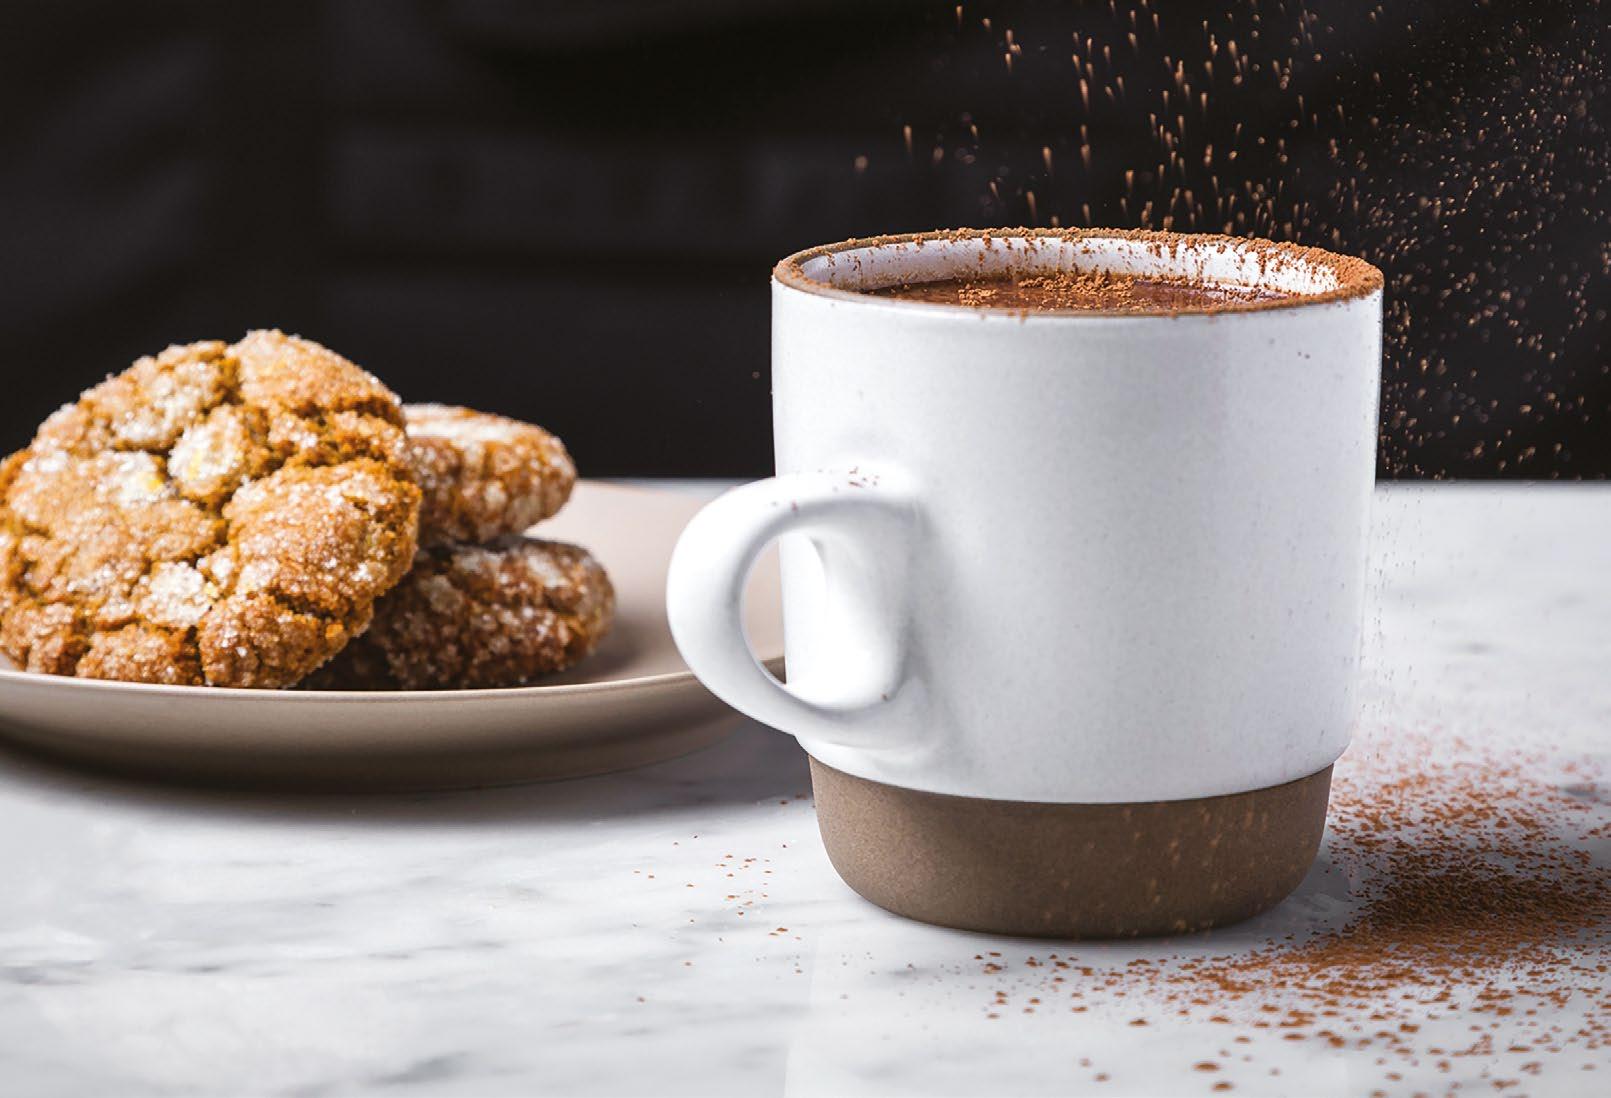 Valrhona Hot Chocolate